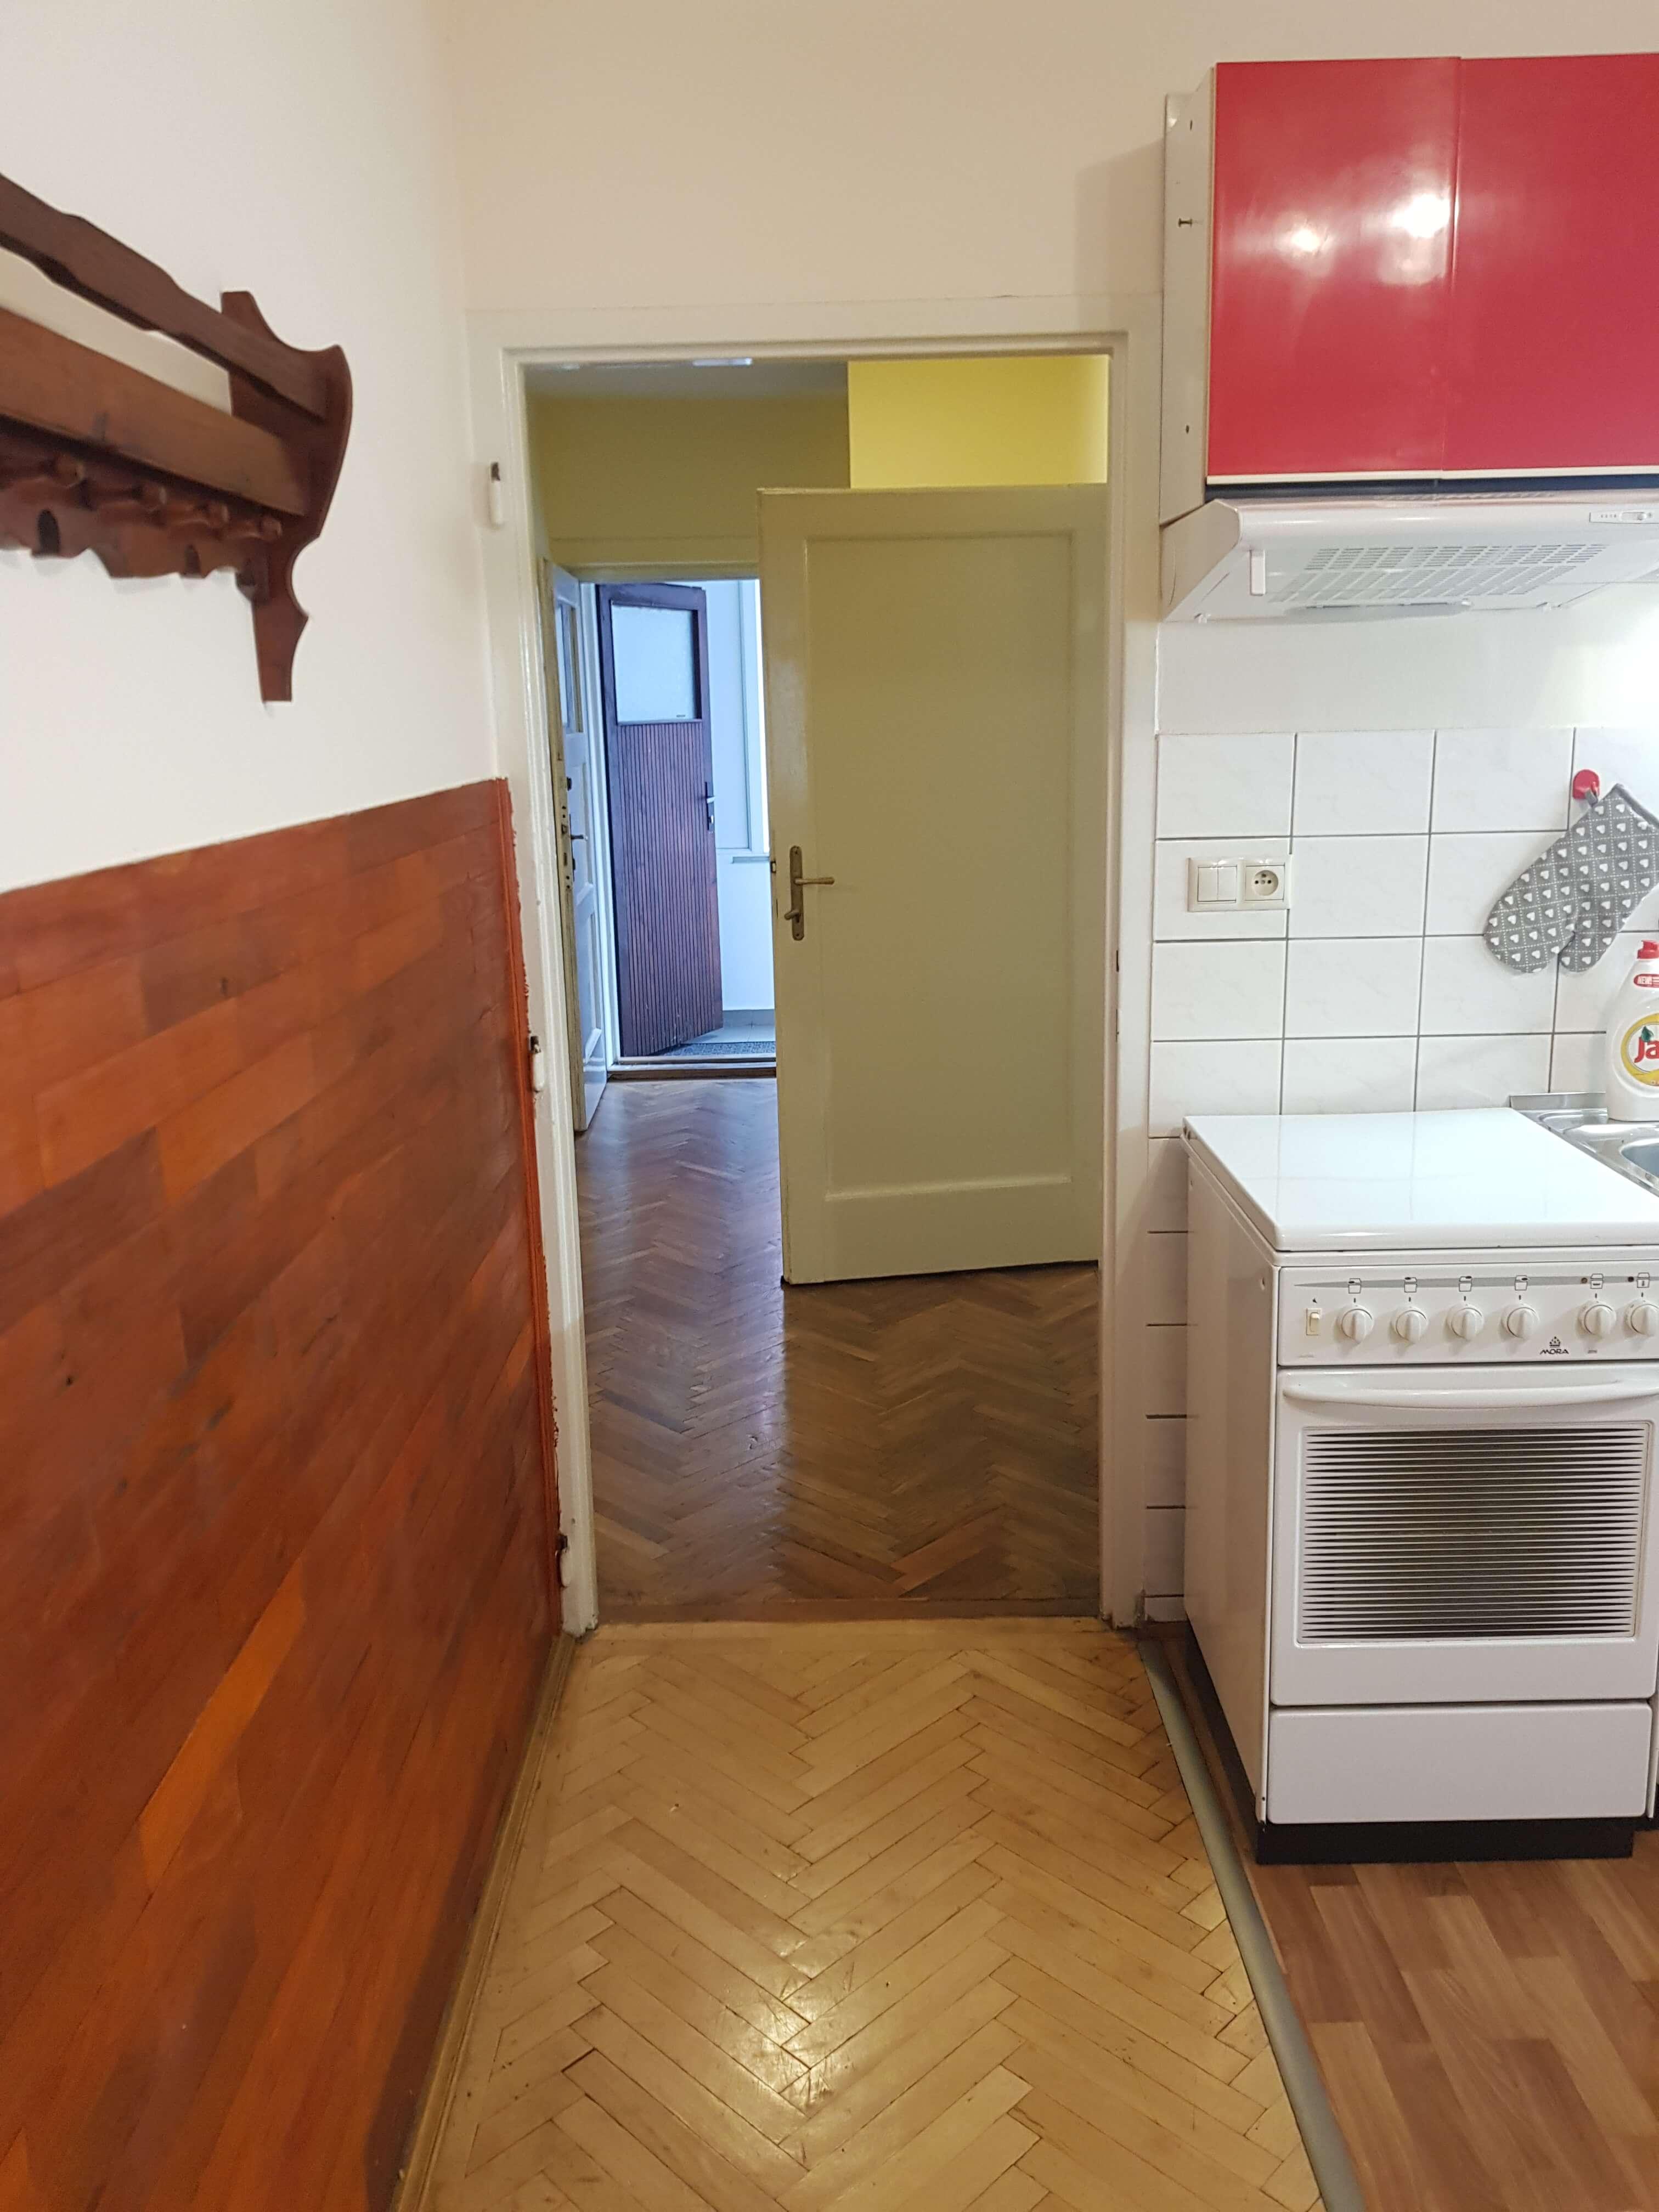 Predaj exkluzívneho 2 izb. bytu, staré mesto, Šancová ulica, Bratislava, 75m2, kompletne zariadený-8